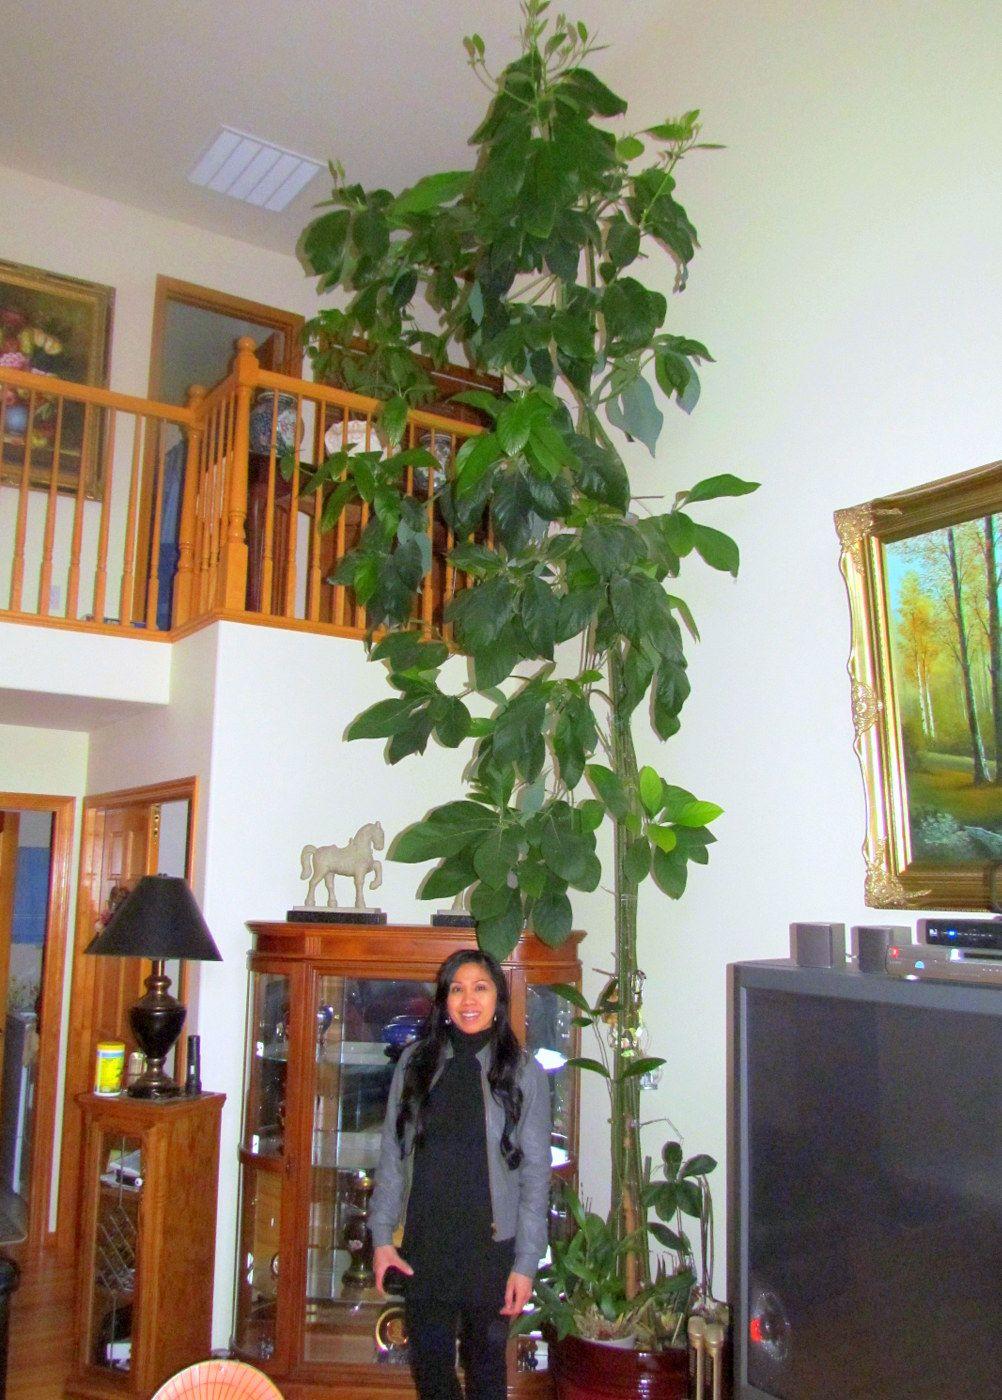 Growing Avocados Indoors Miscellaneous Plants Indoor